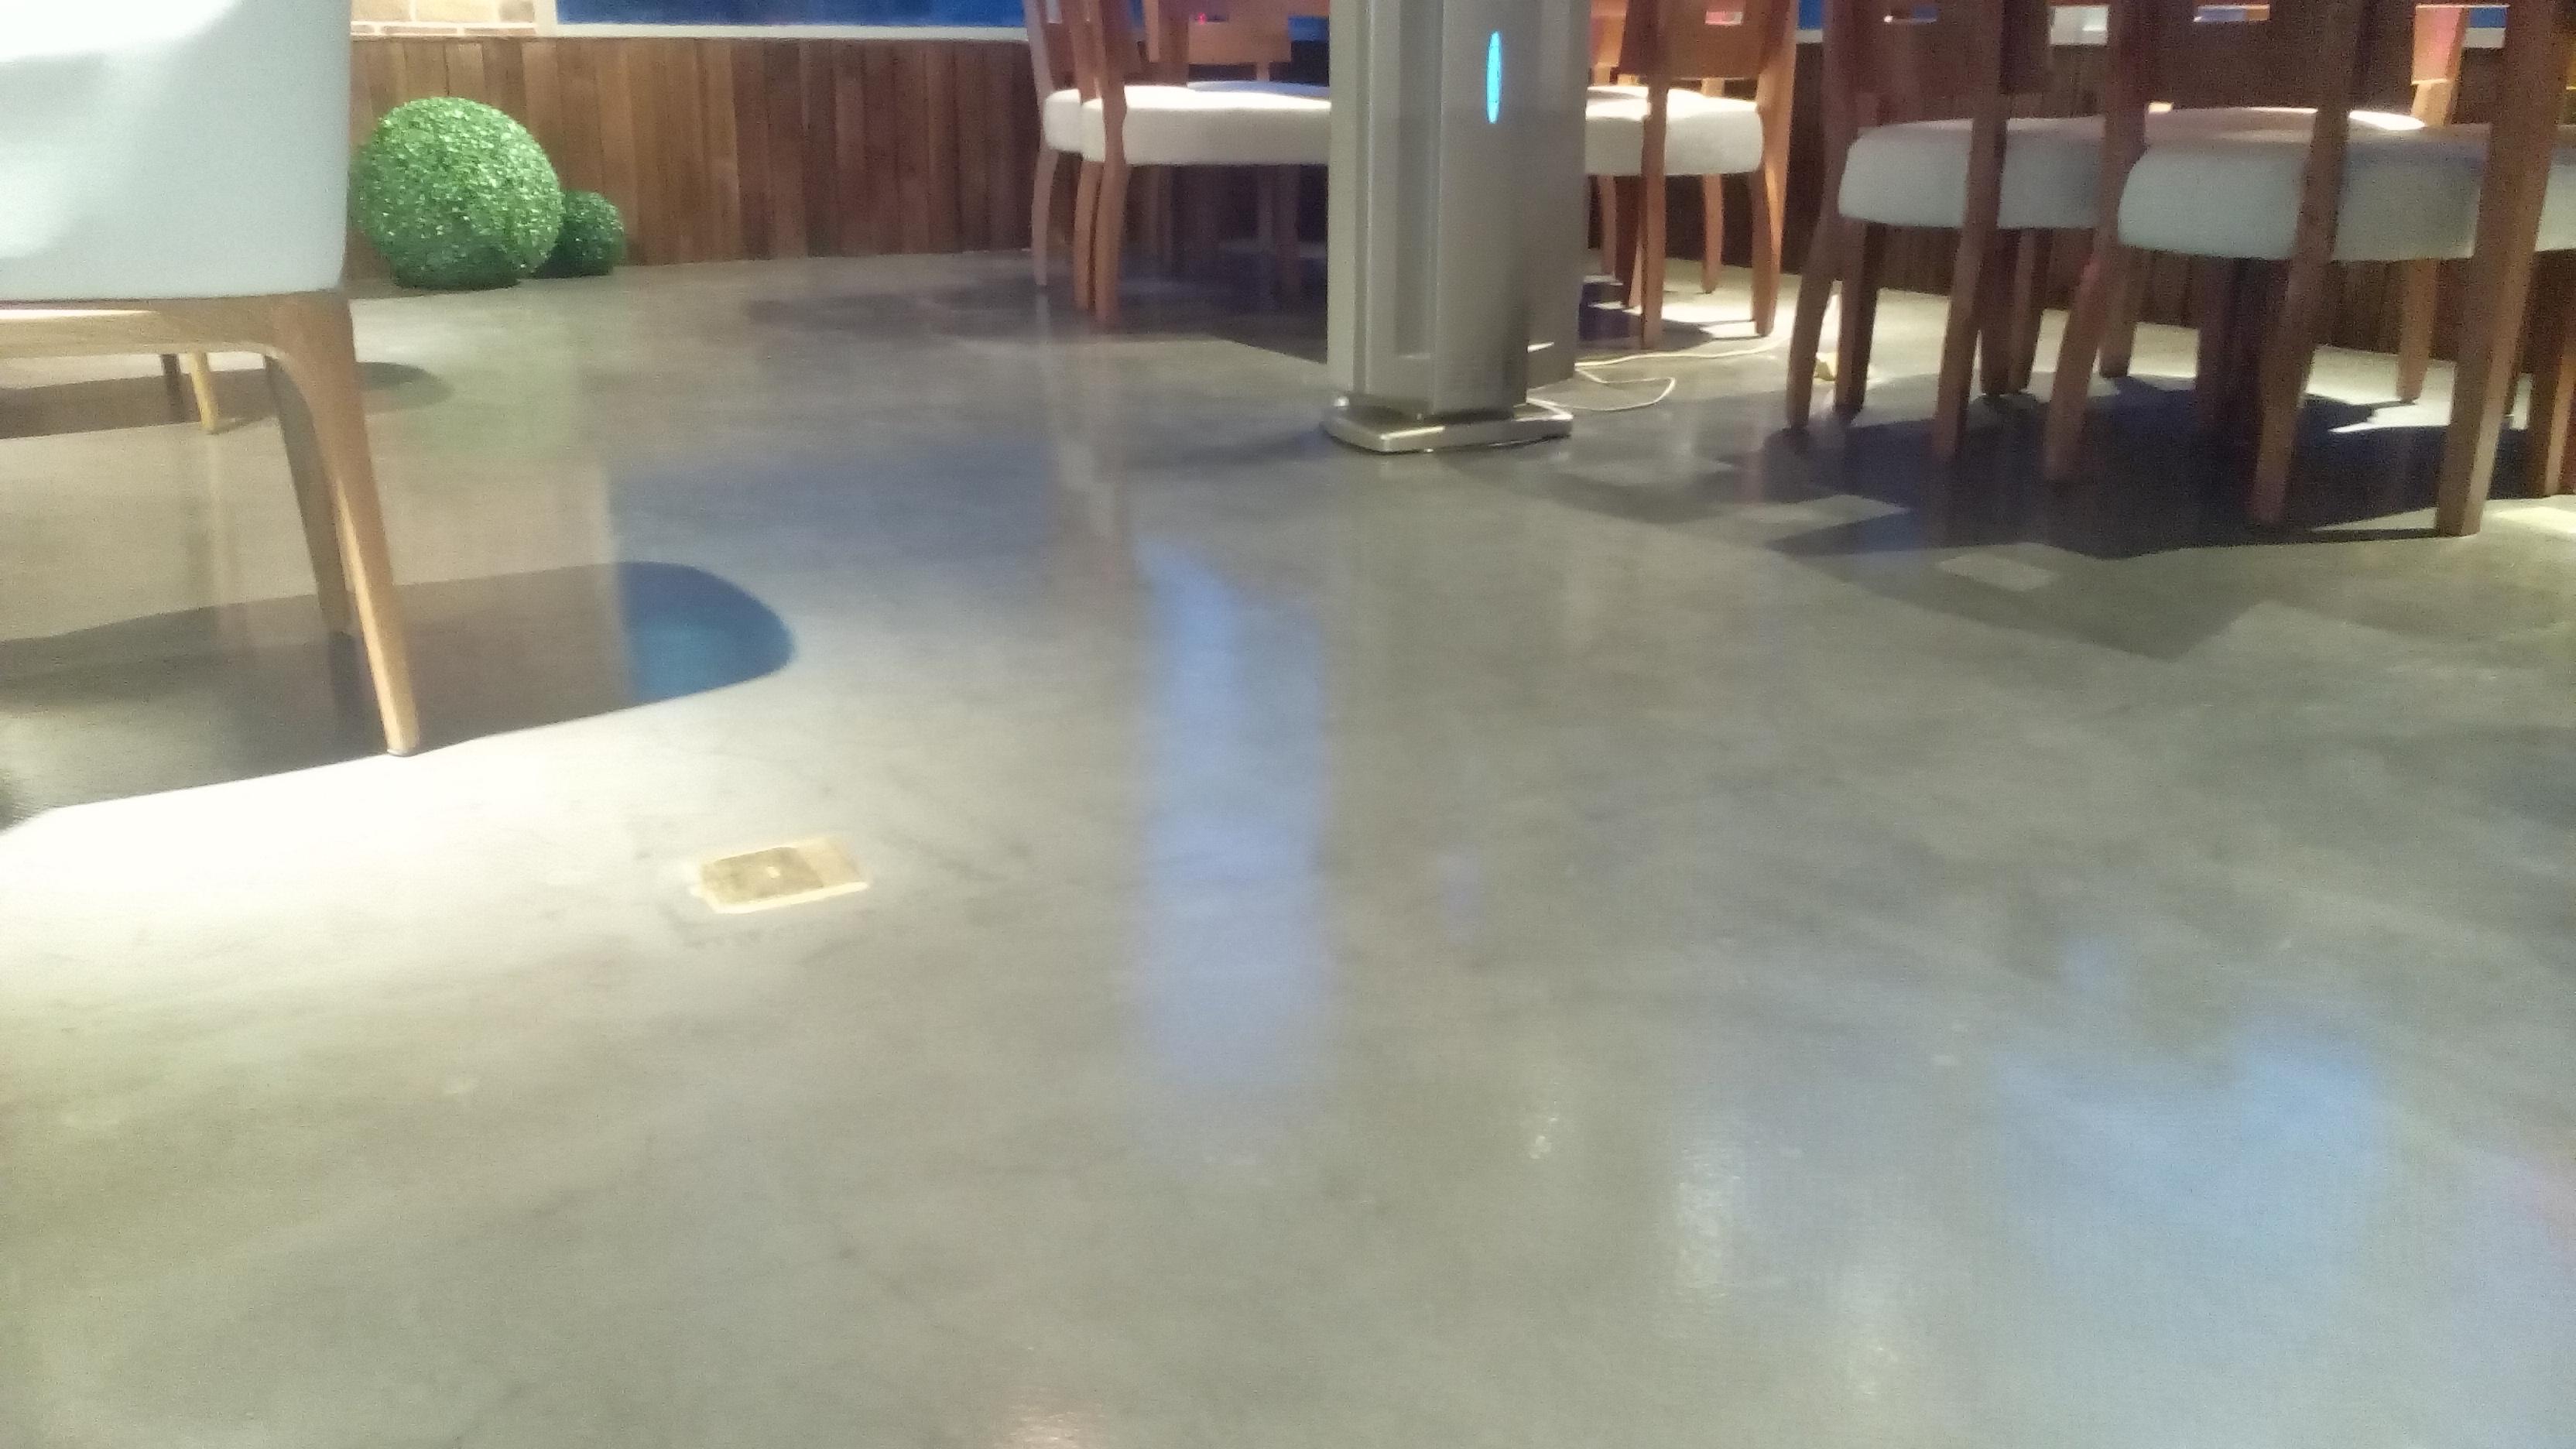 水泥自流平面层是在垫层水泥自流平地面找平